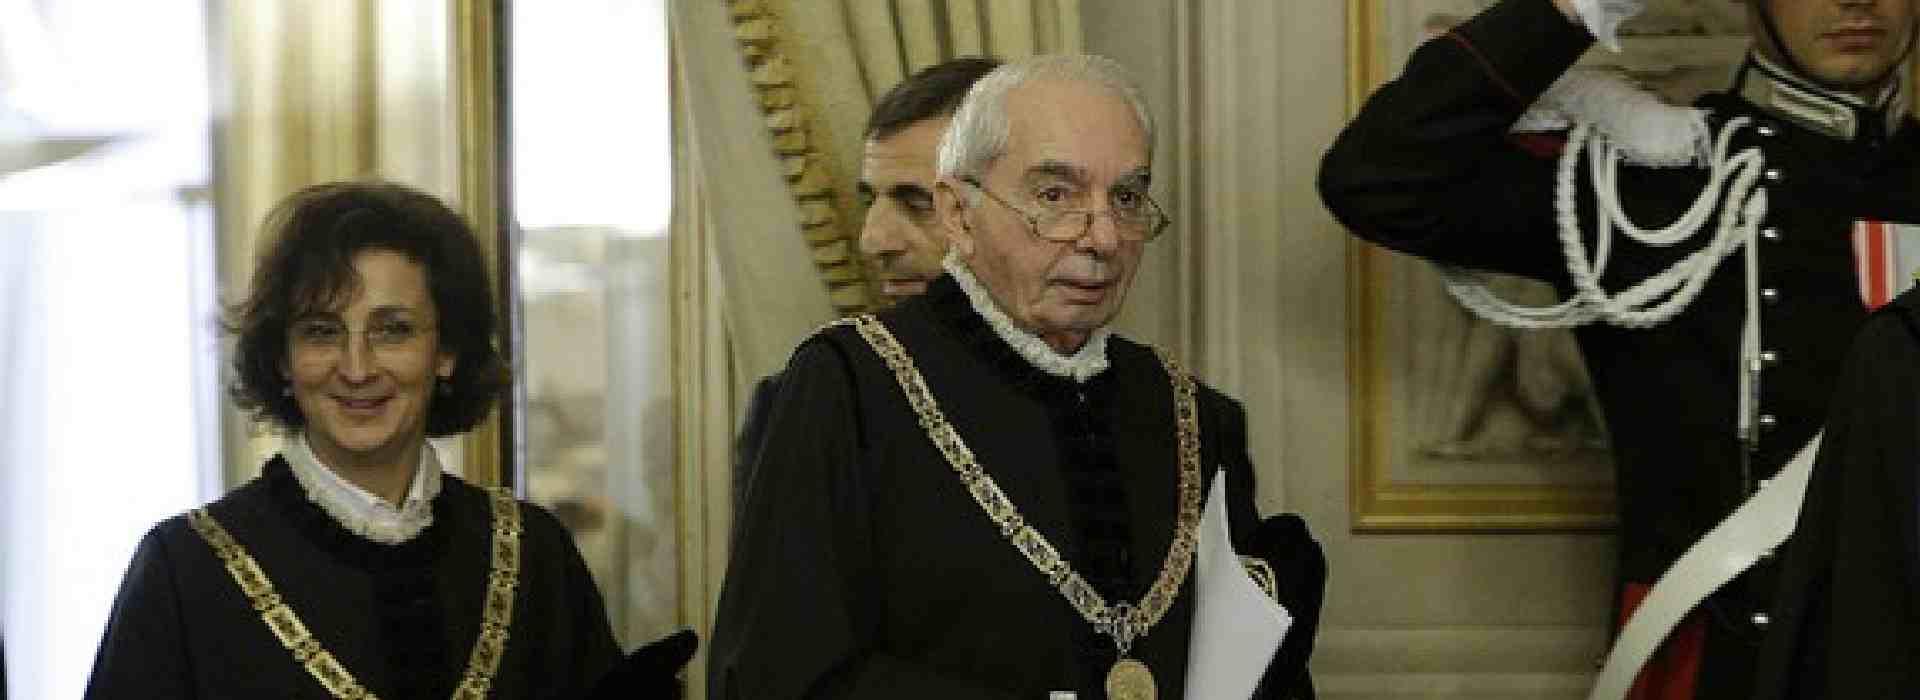 Corte Costituzionale: aiuti sociali a condannati per mafia e terrorismo. Ma niente Reddito di cittadinanza